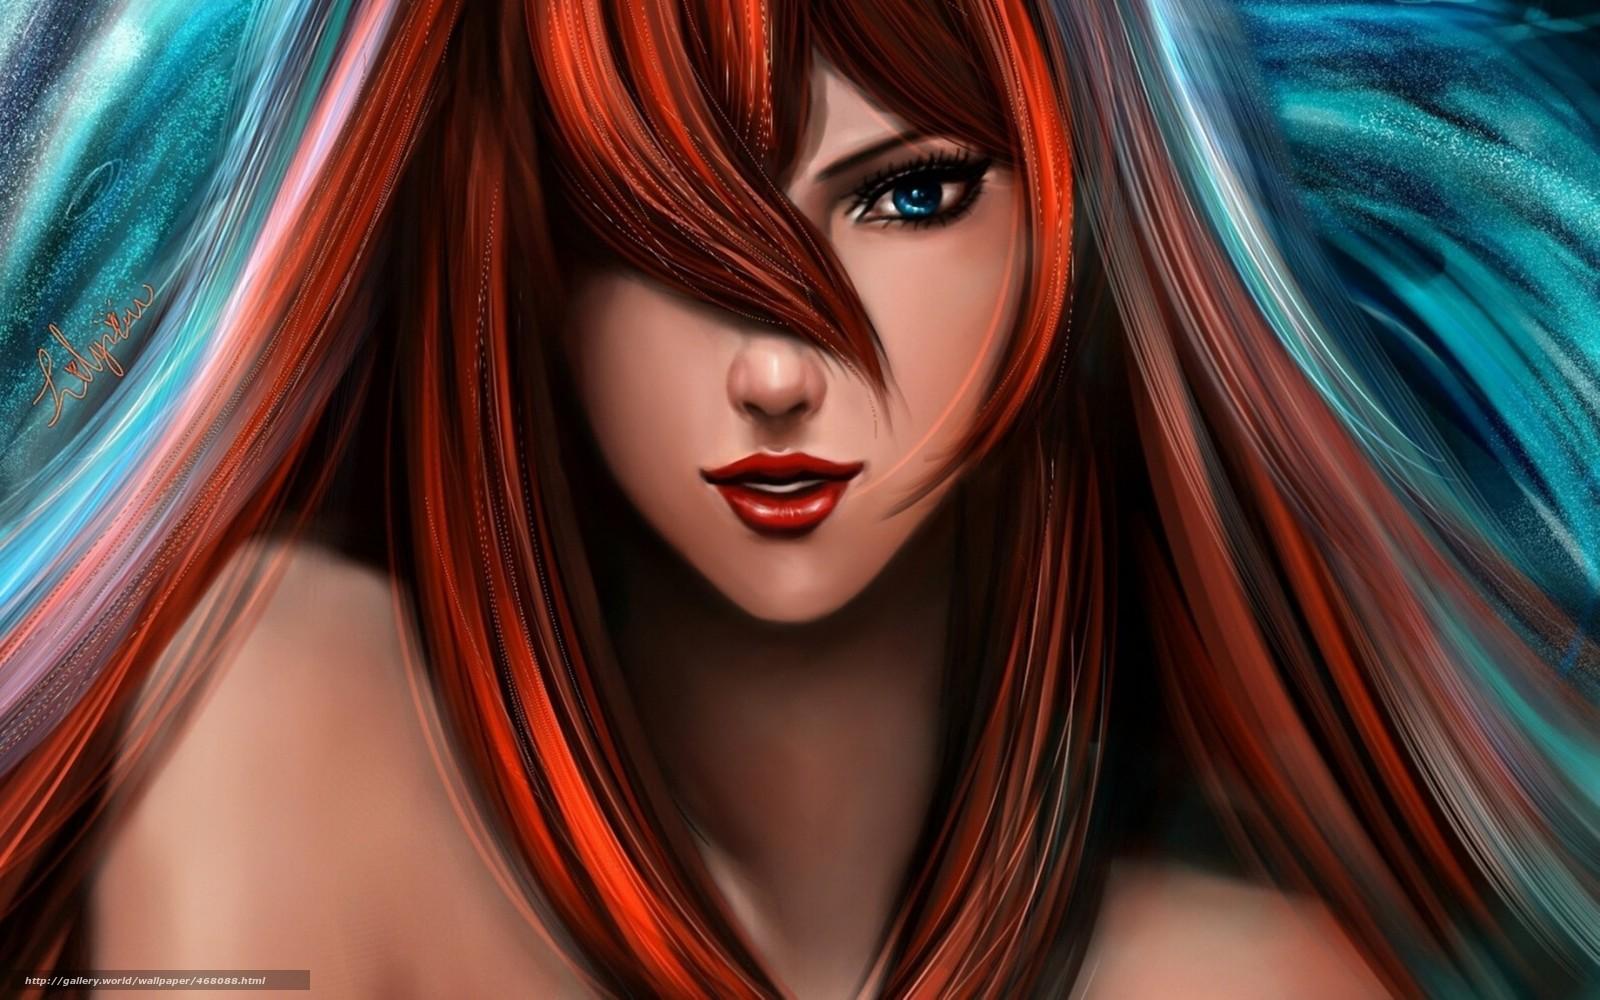 Волосы картинка для детей - 95623